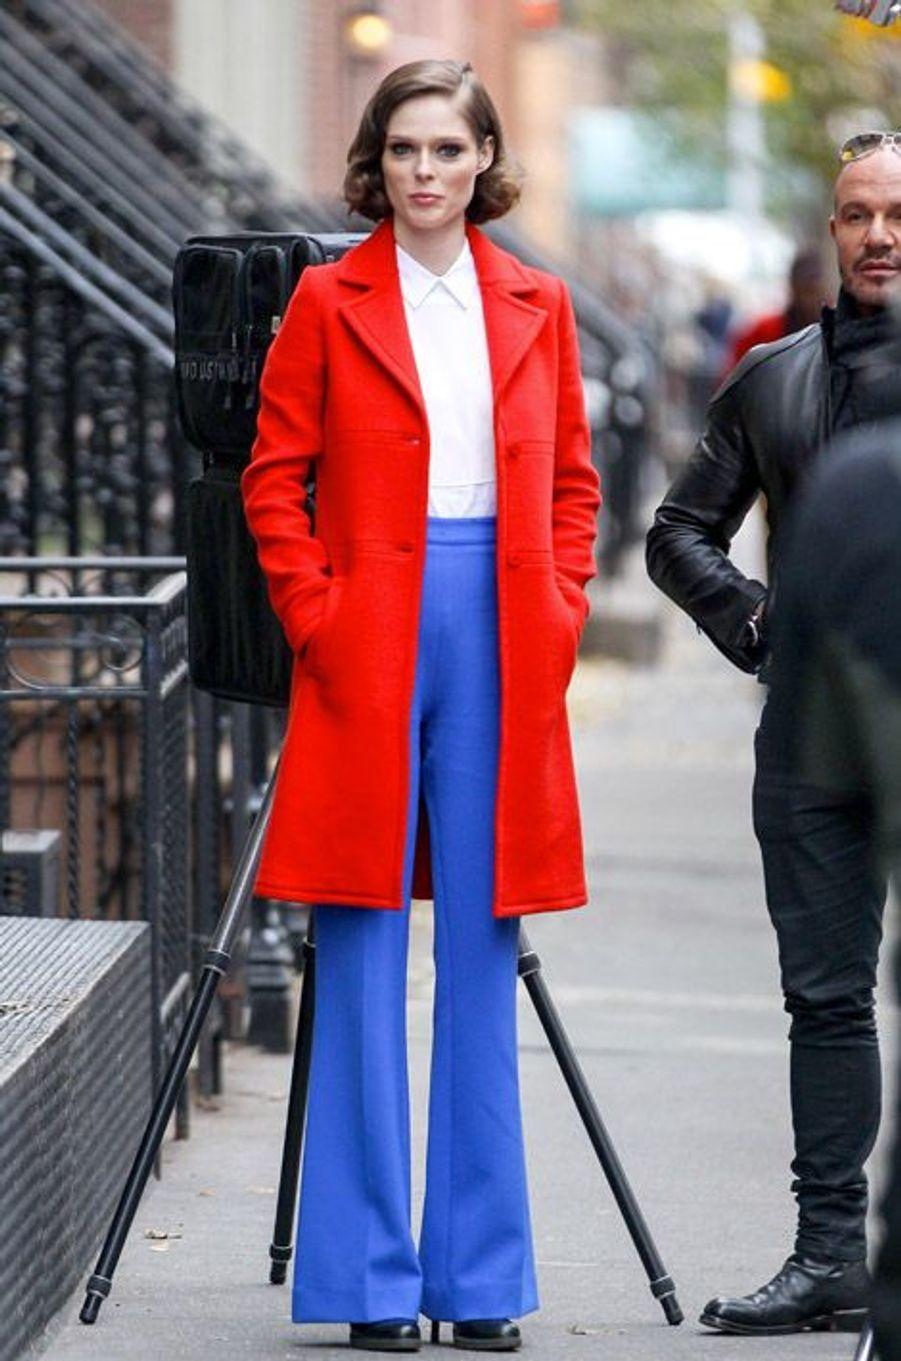 Le mannequin Coco Rocha, enceinte, sur le tournage de son émission, The Face, à New York, le 25 novembre 2014